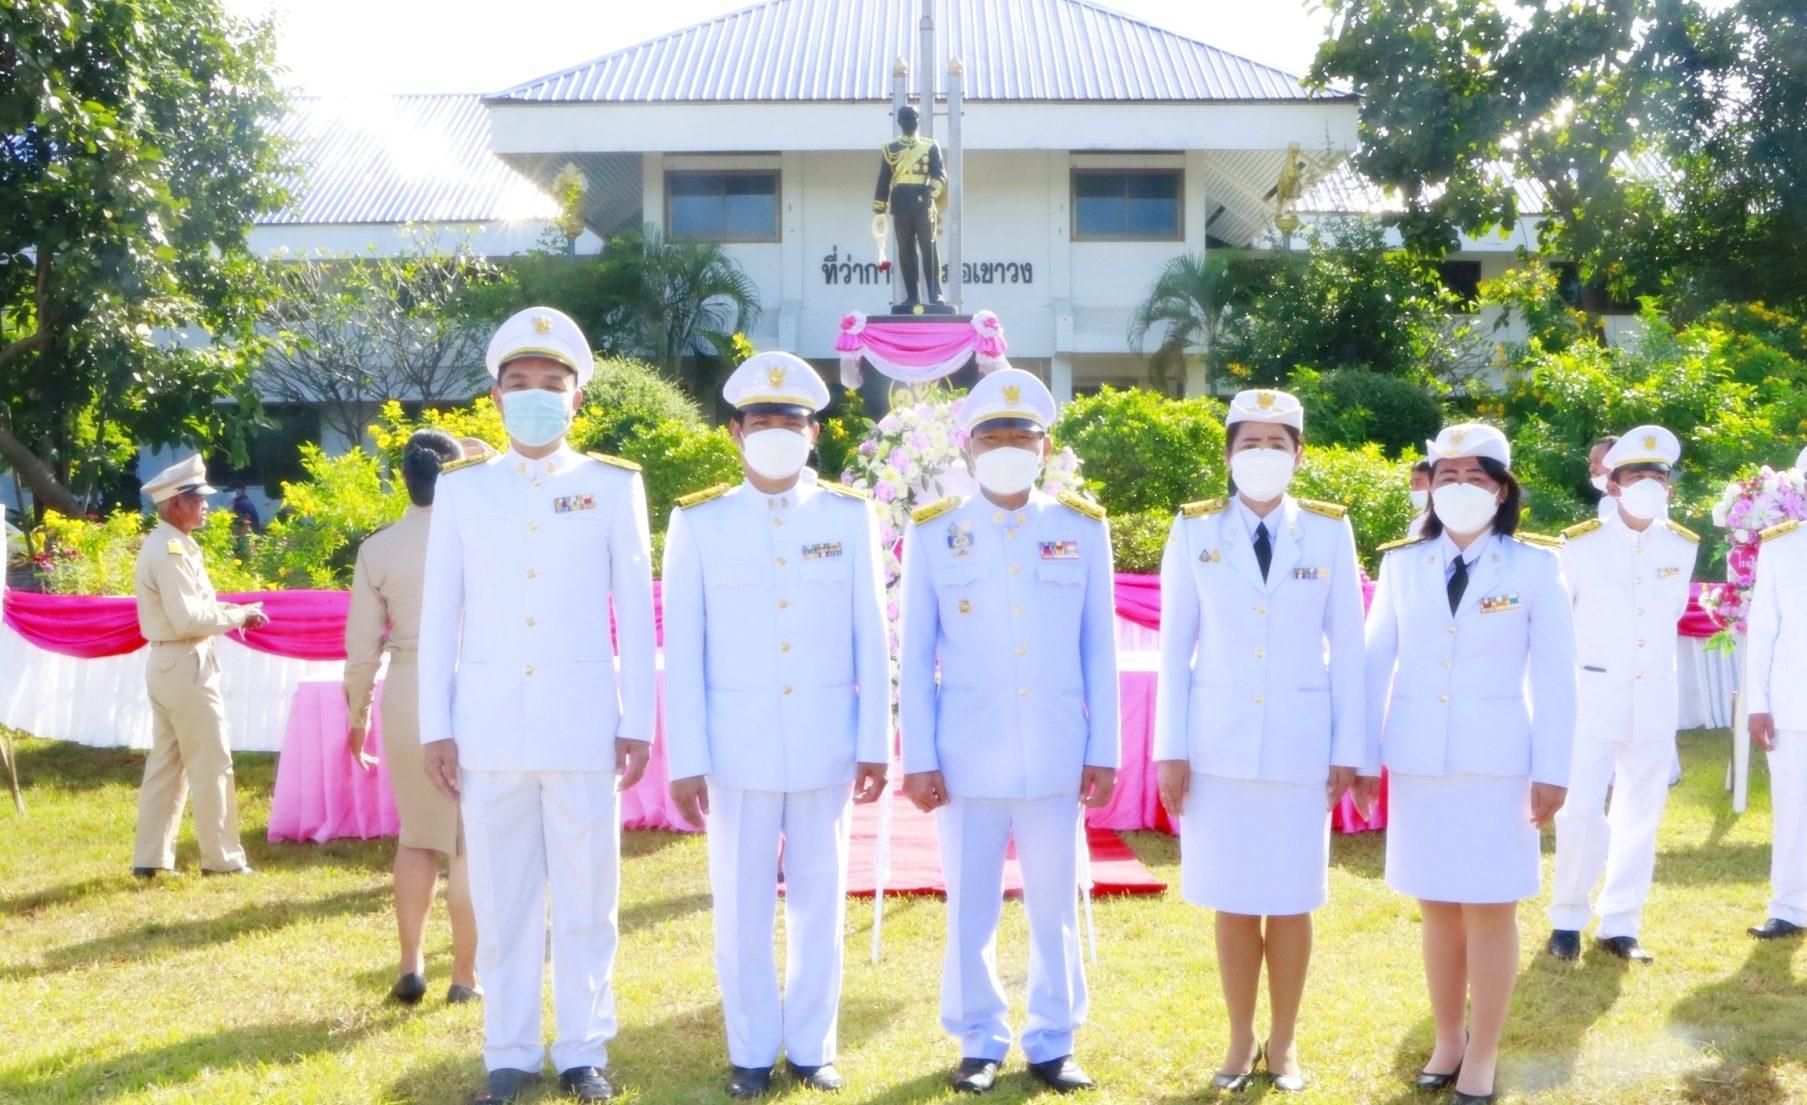 """โรงเรียนกาญจนาภิเษกวิทยาลัย กาฬสินธุ์ ร่วมพิธีวางพวงมาลาเนื่องในวันคล้ายวันสวรรคตของพระบาทสมเด็จพระจุลจอมเกล้าเจ้าอยู่หัว """"วันปิยมหาราช"""" 23 ตุลาคม พ.ศ. 2564"""